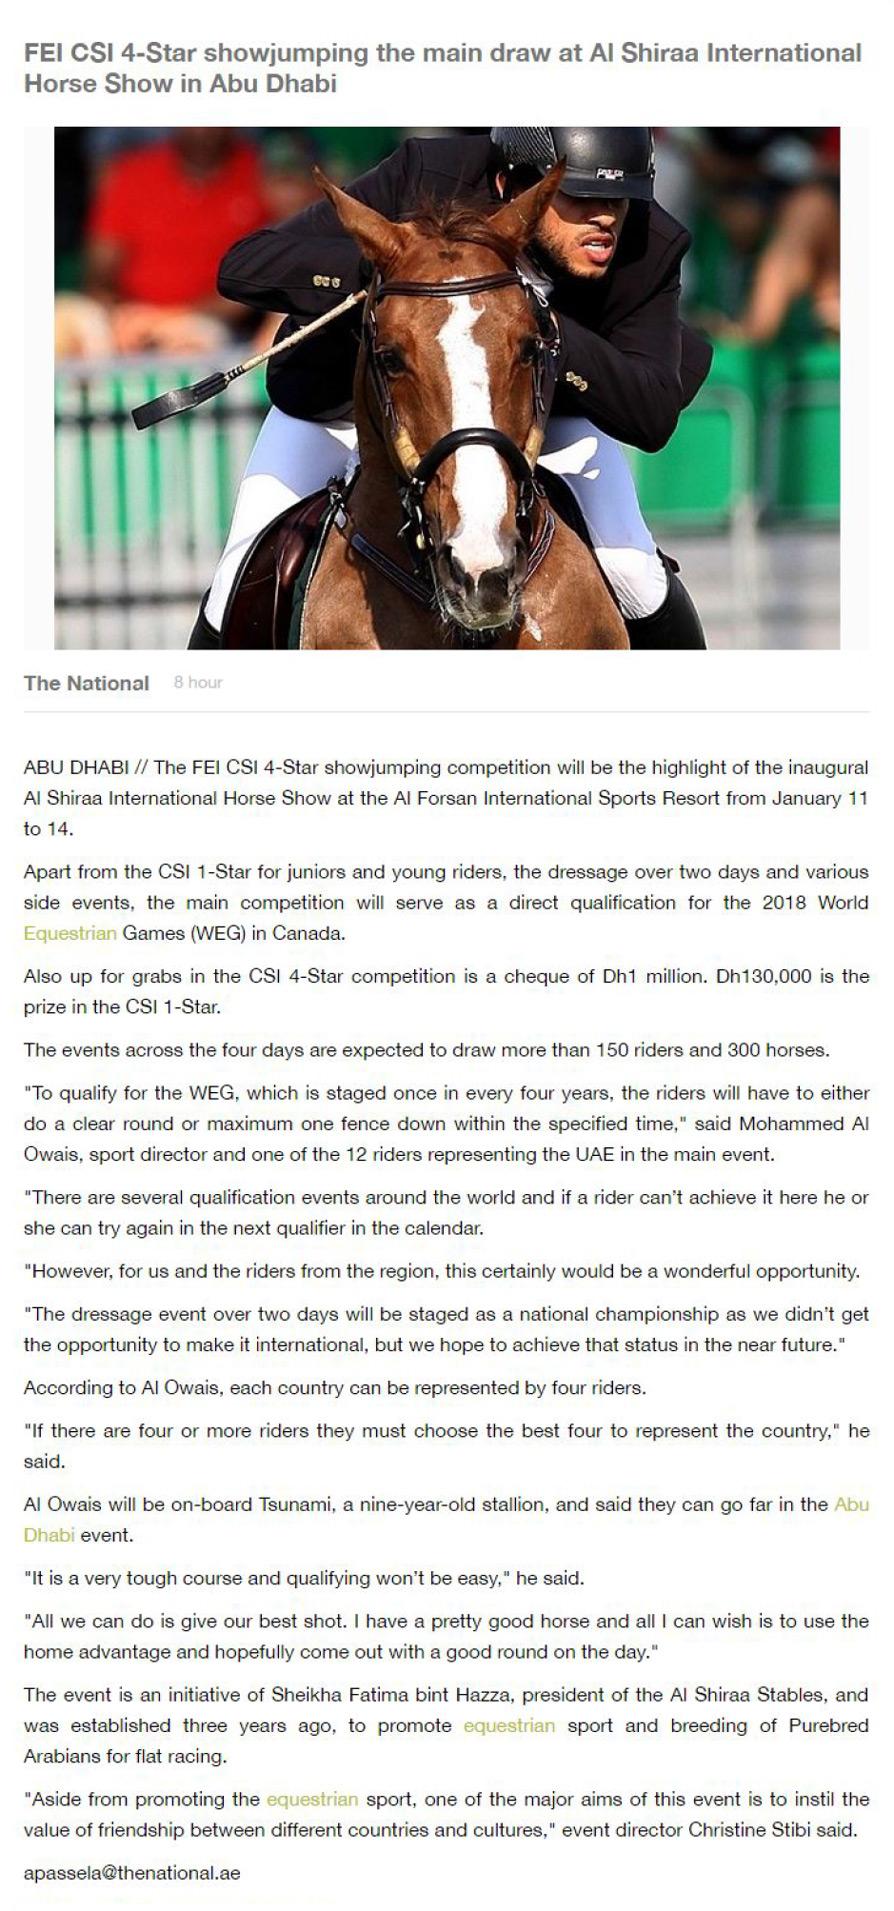 2016-10-Al-Forsan-Al-Shira-aa-Int-Horse-show-Abu-Dhabi-s10